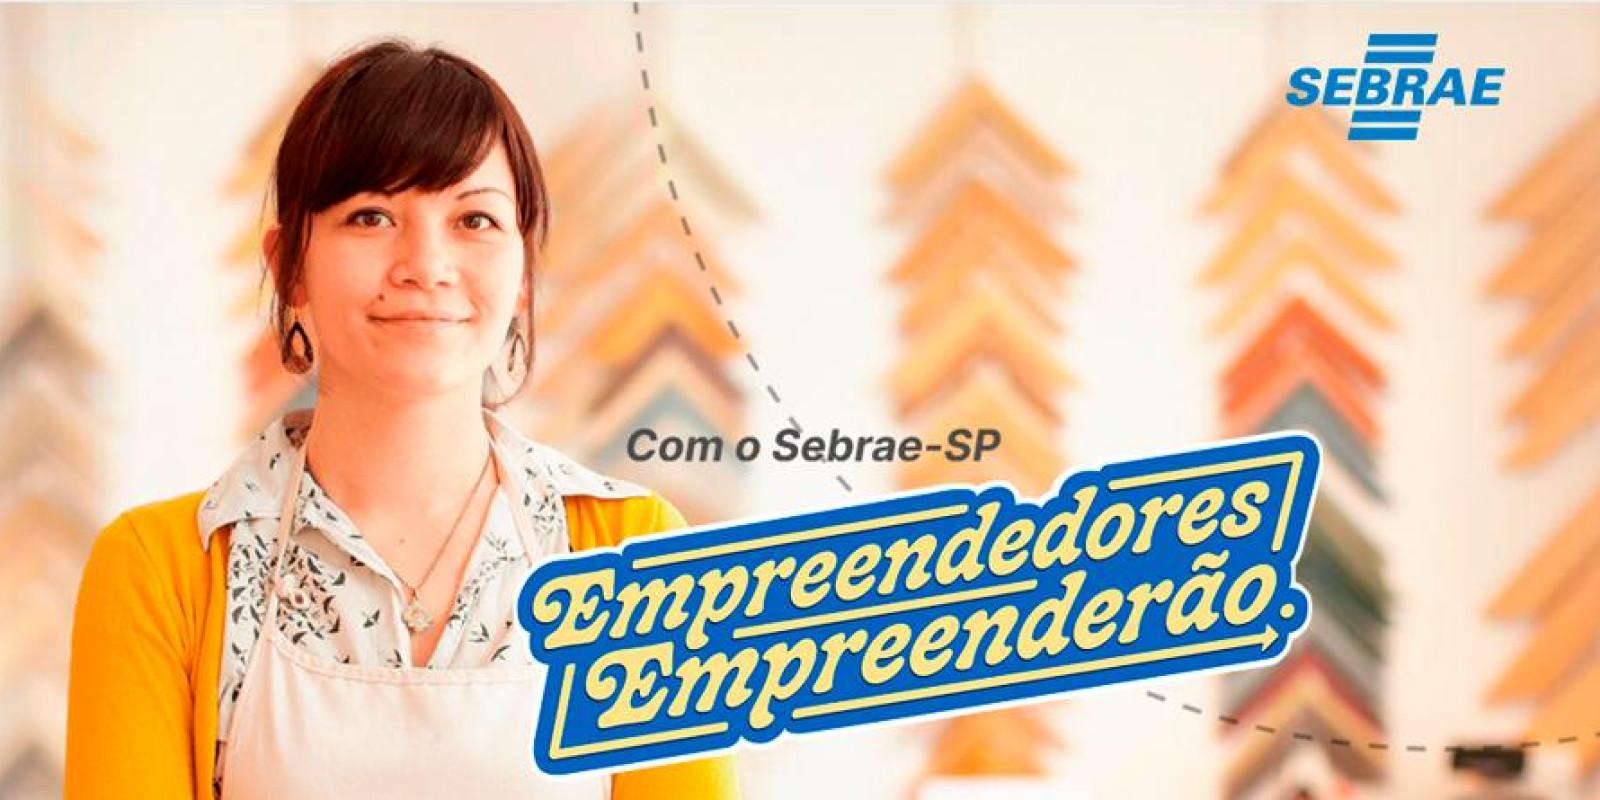 SEBRAE - Empreendedores Empreenderão